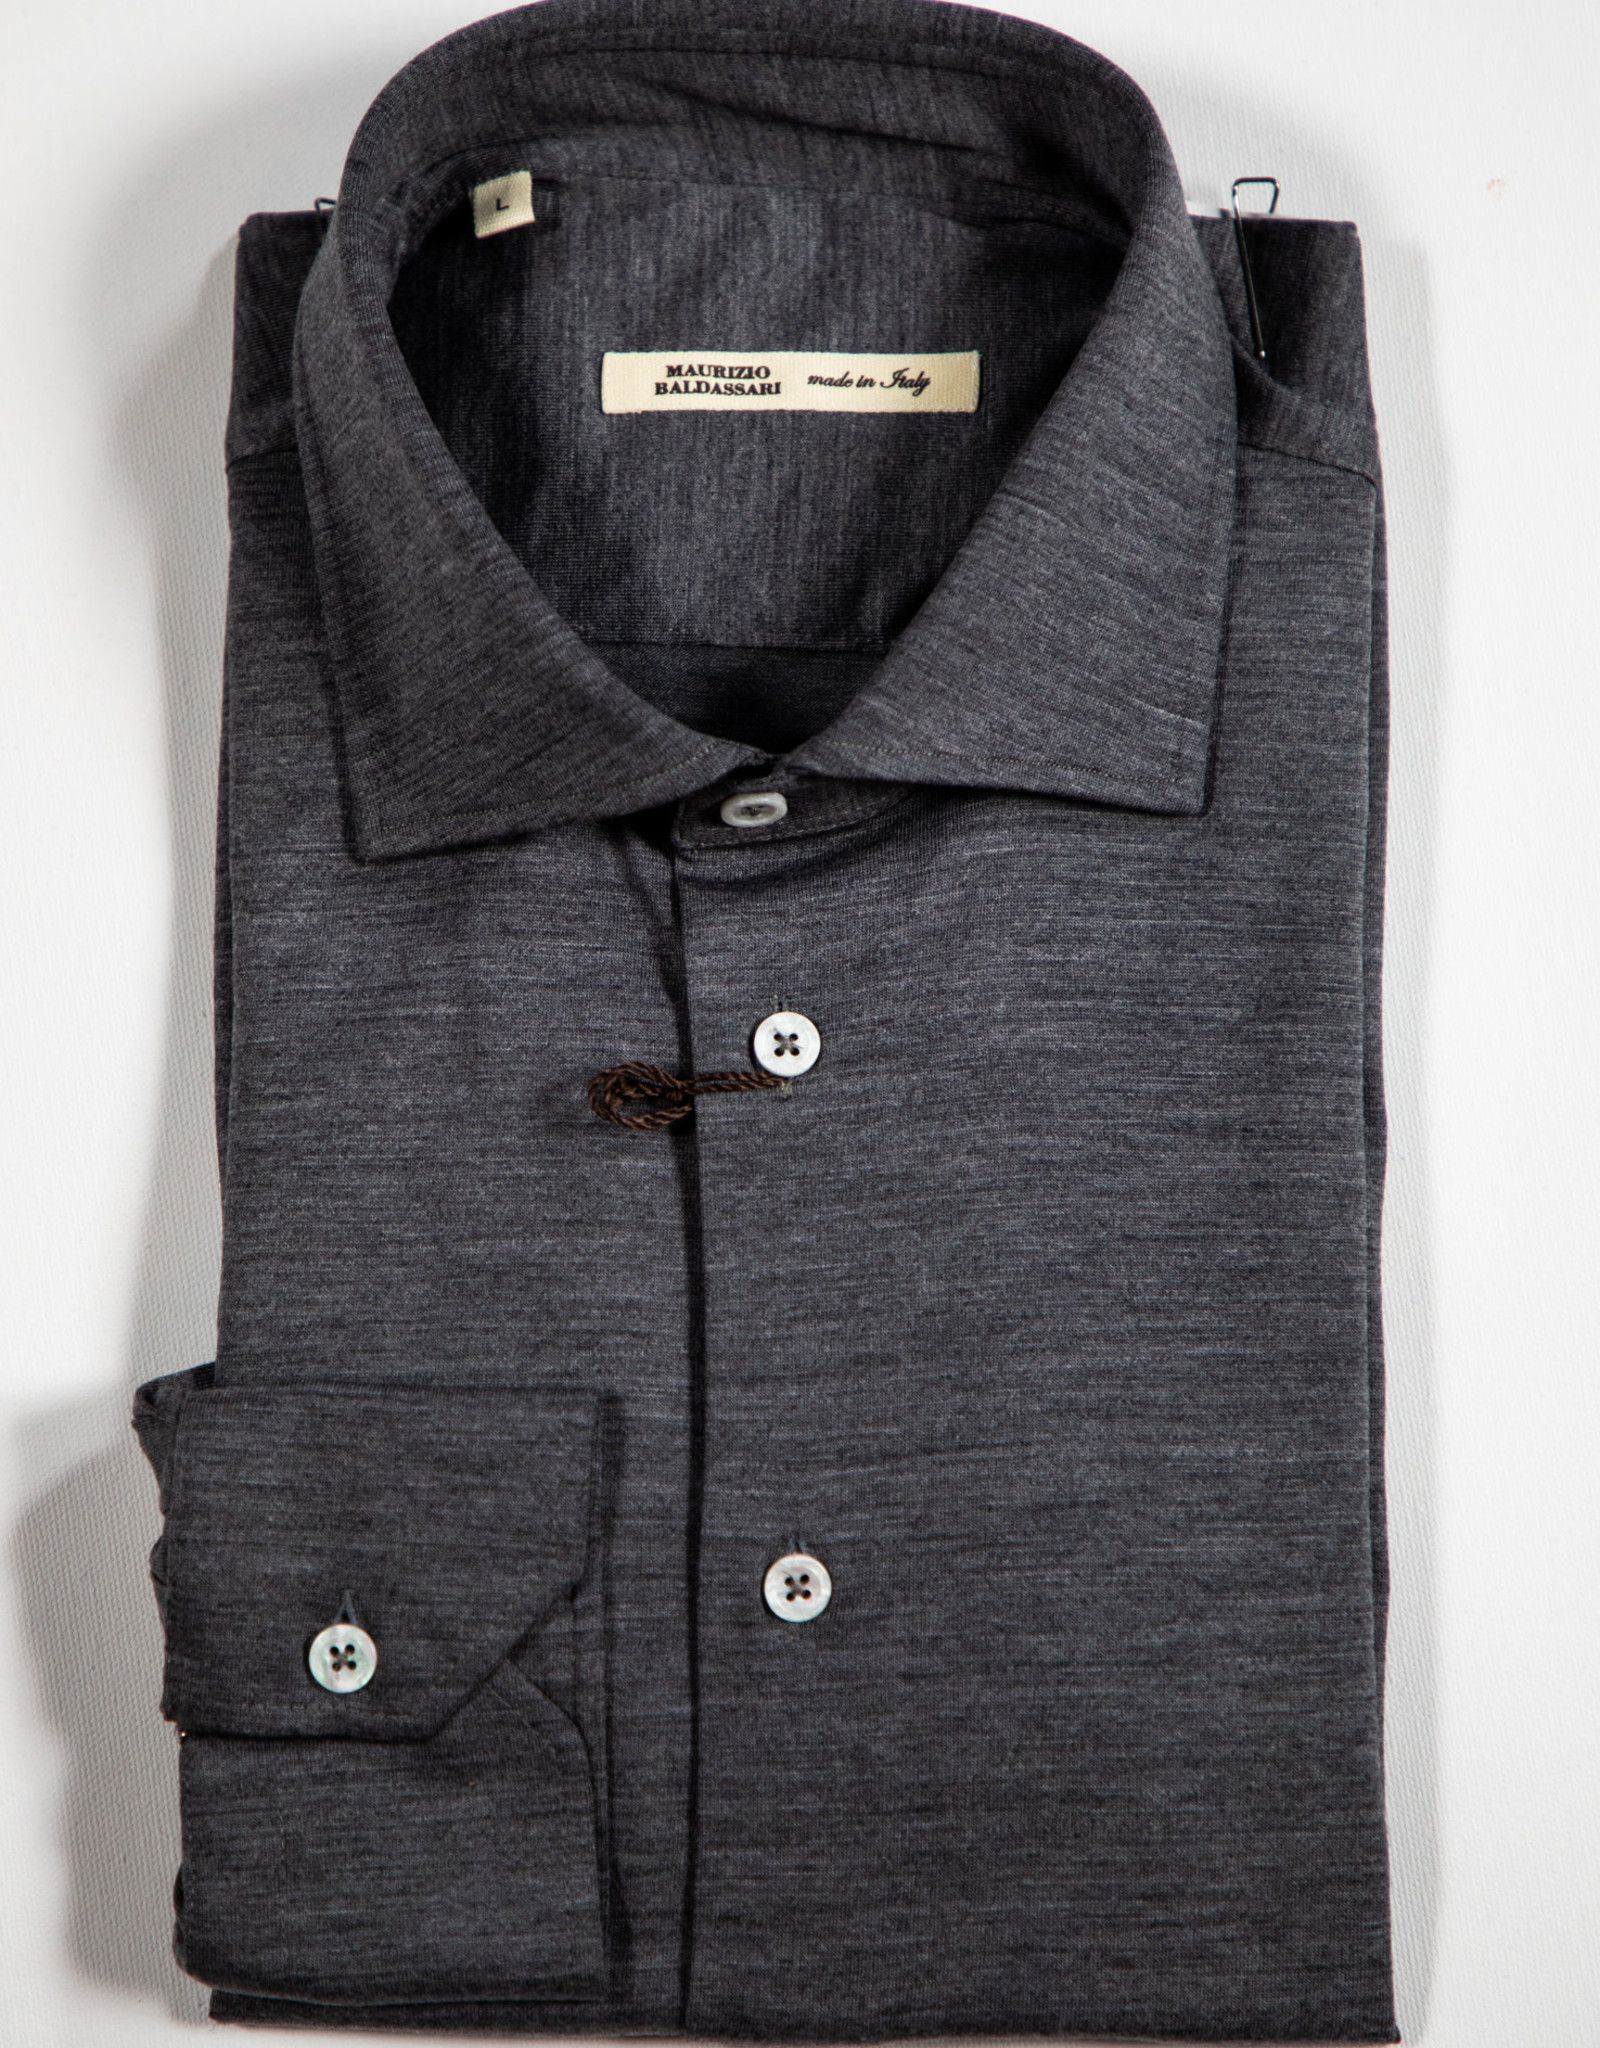 MAURIZIO BALDASSARI Knitted Wool Shirt